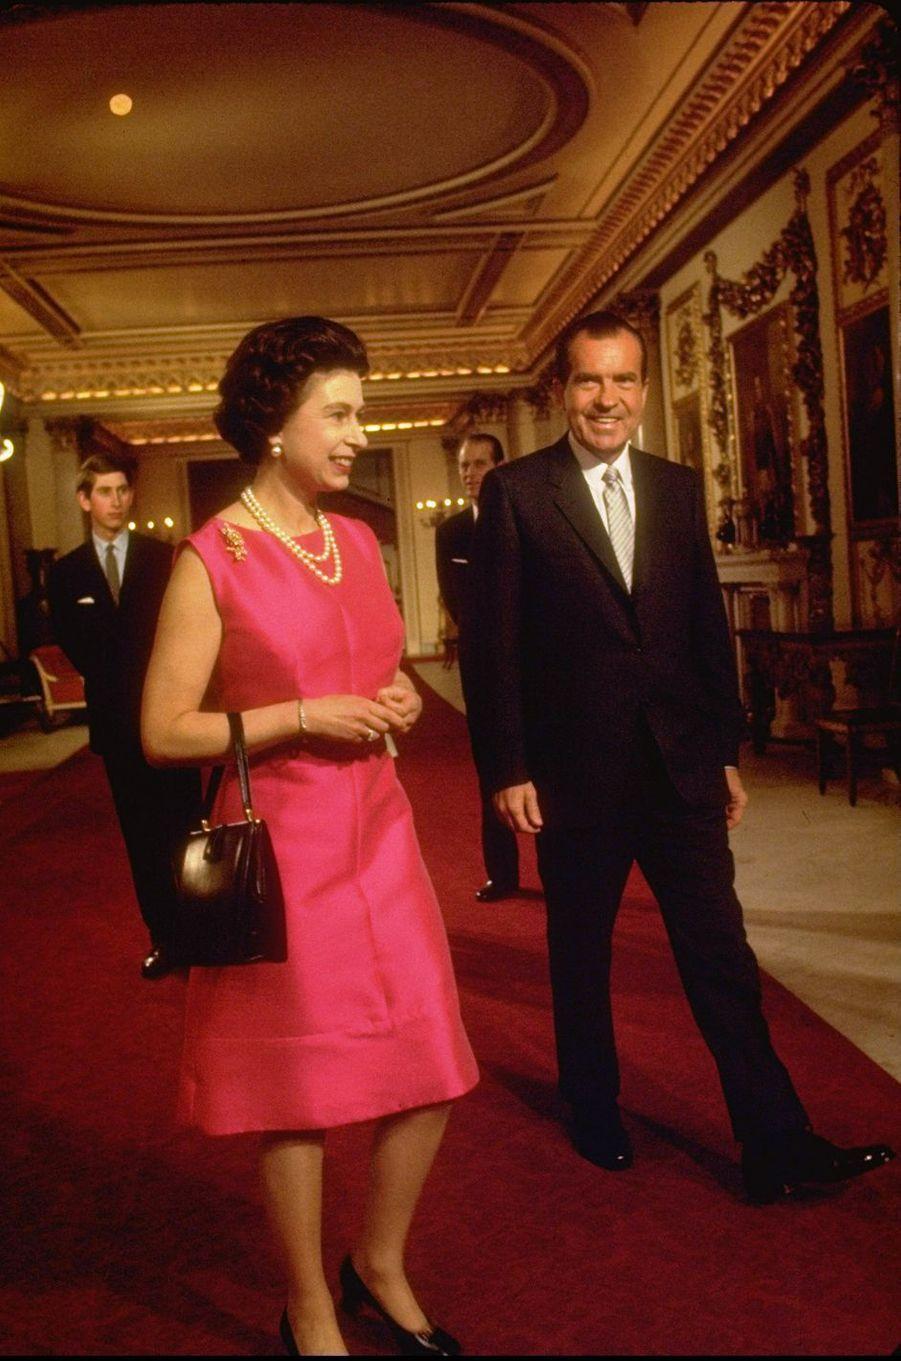 La reine Elizabeth II avec le président des Etats-Unis Richard Nixon à Buckingham Palace, le 25 février 1969